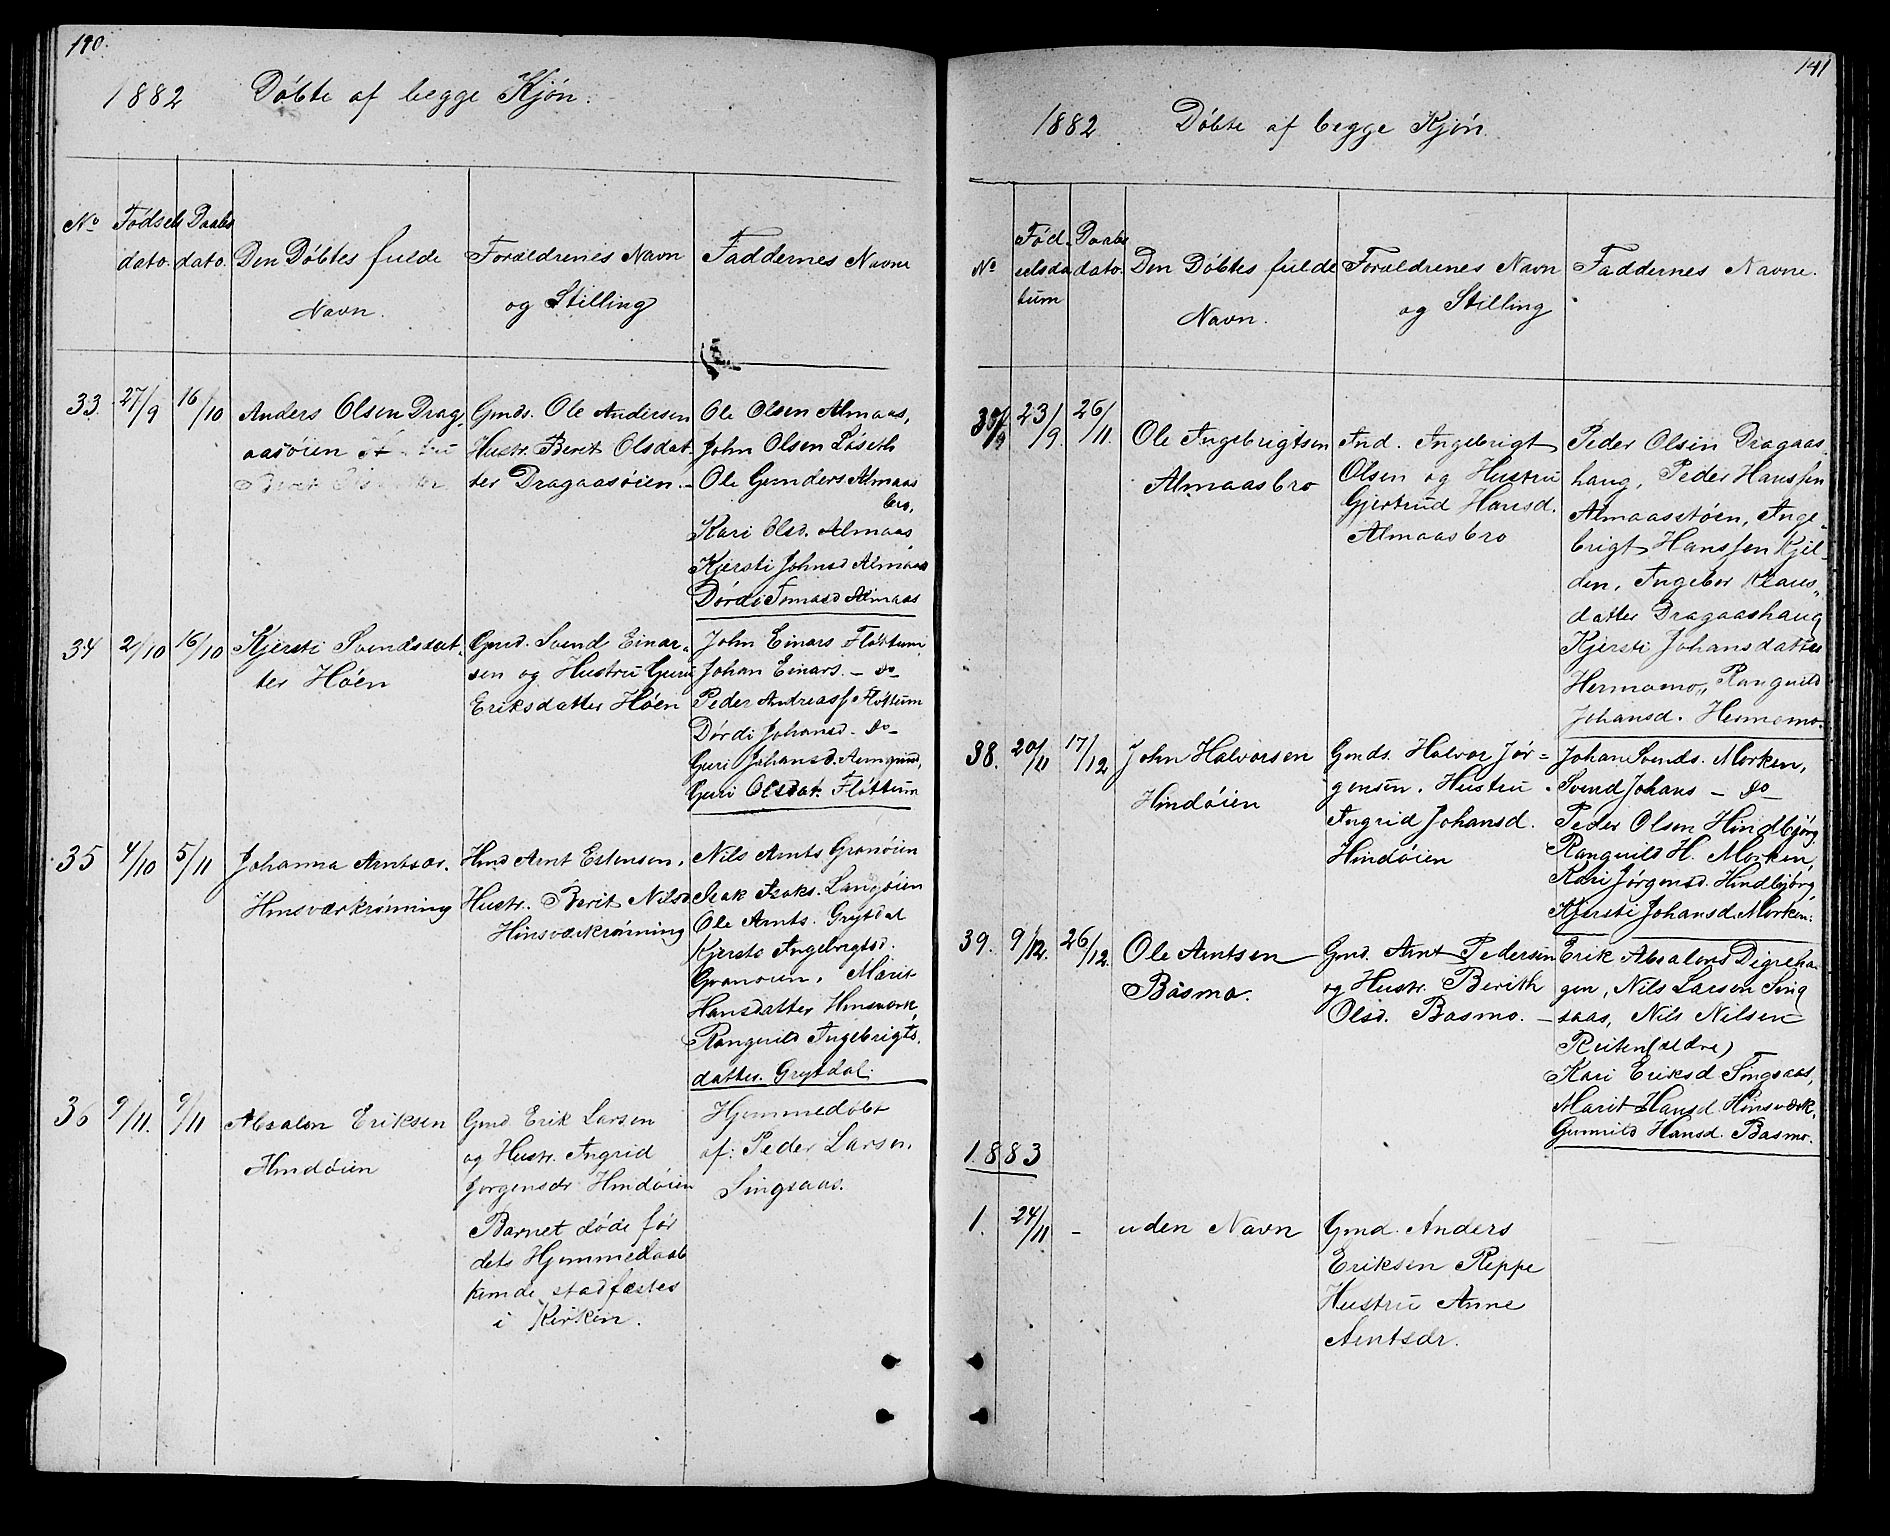 SAT, Ministerialprotokoller, klokkerbøker og fødselsregistre - Sør-Trøndelag, 688/L1027: Klokkerbok nr. 688C02, 1861-1889, s. 140-141